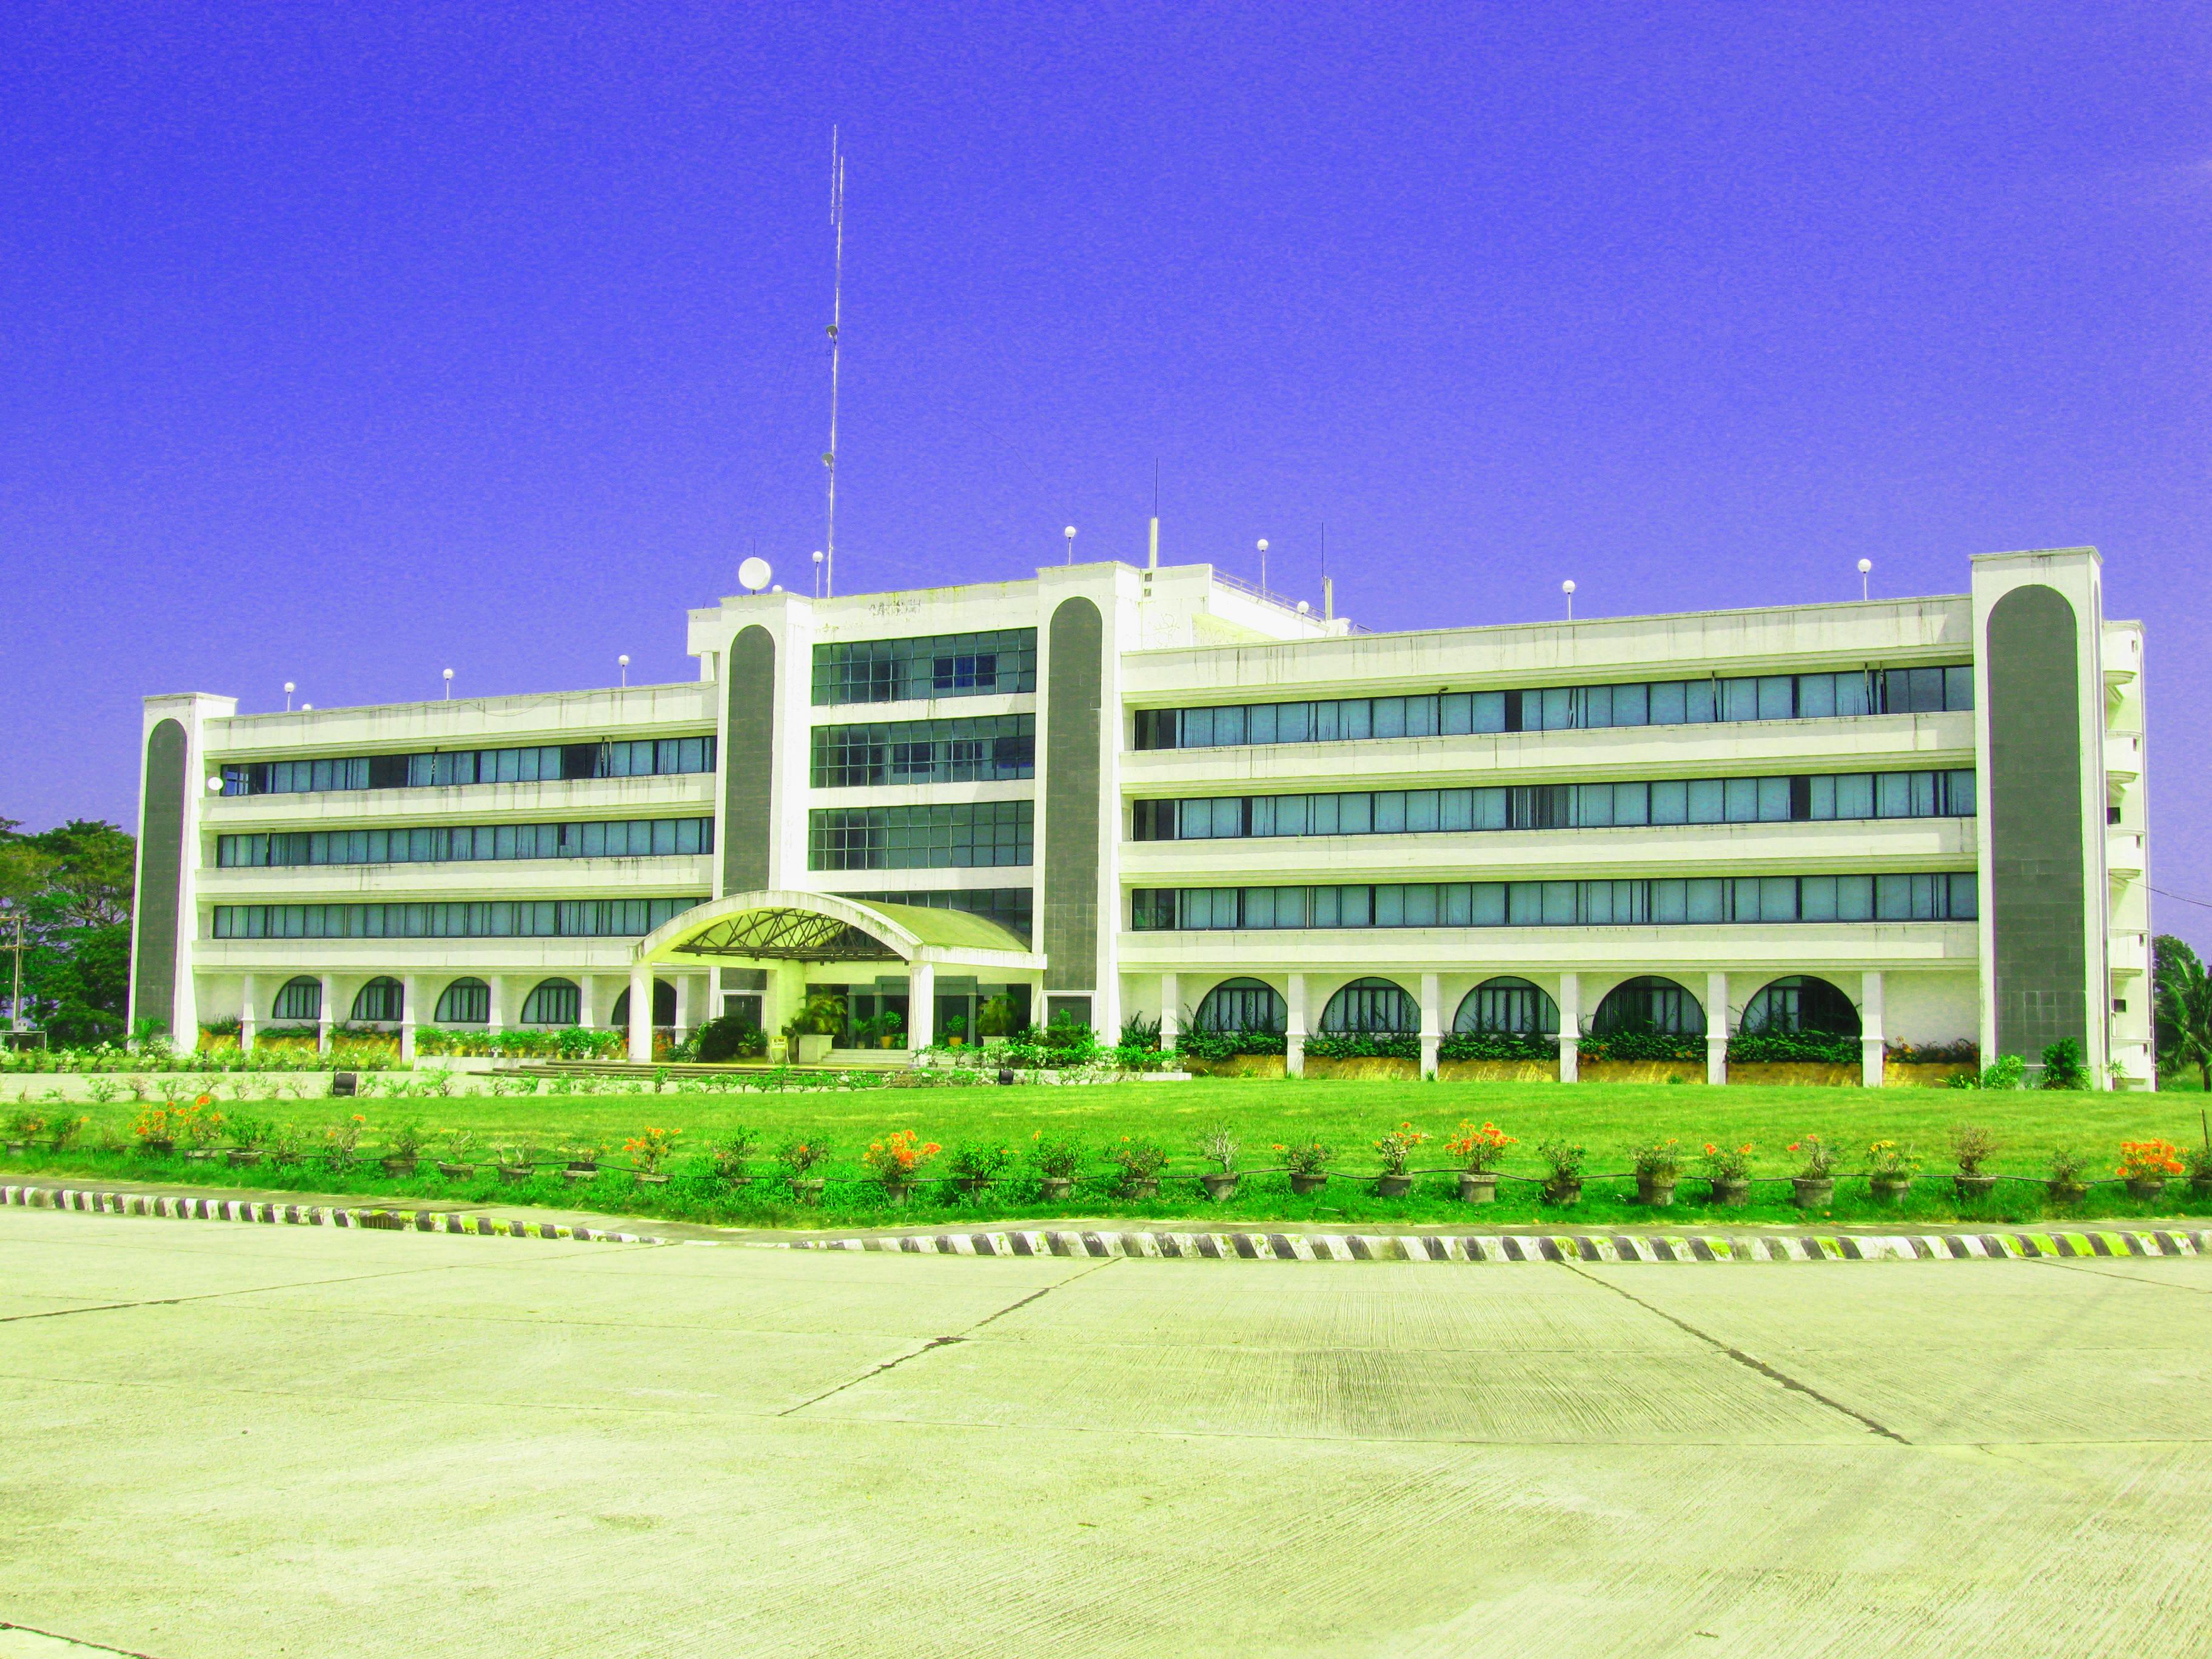 Drawing Smooth Lines Zamboanga : Zamboanga city sets sports activities worldnews